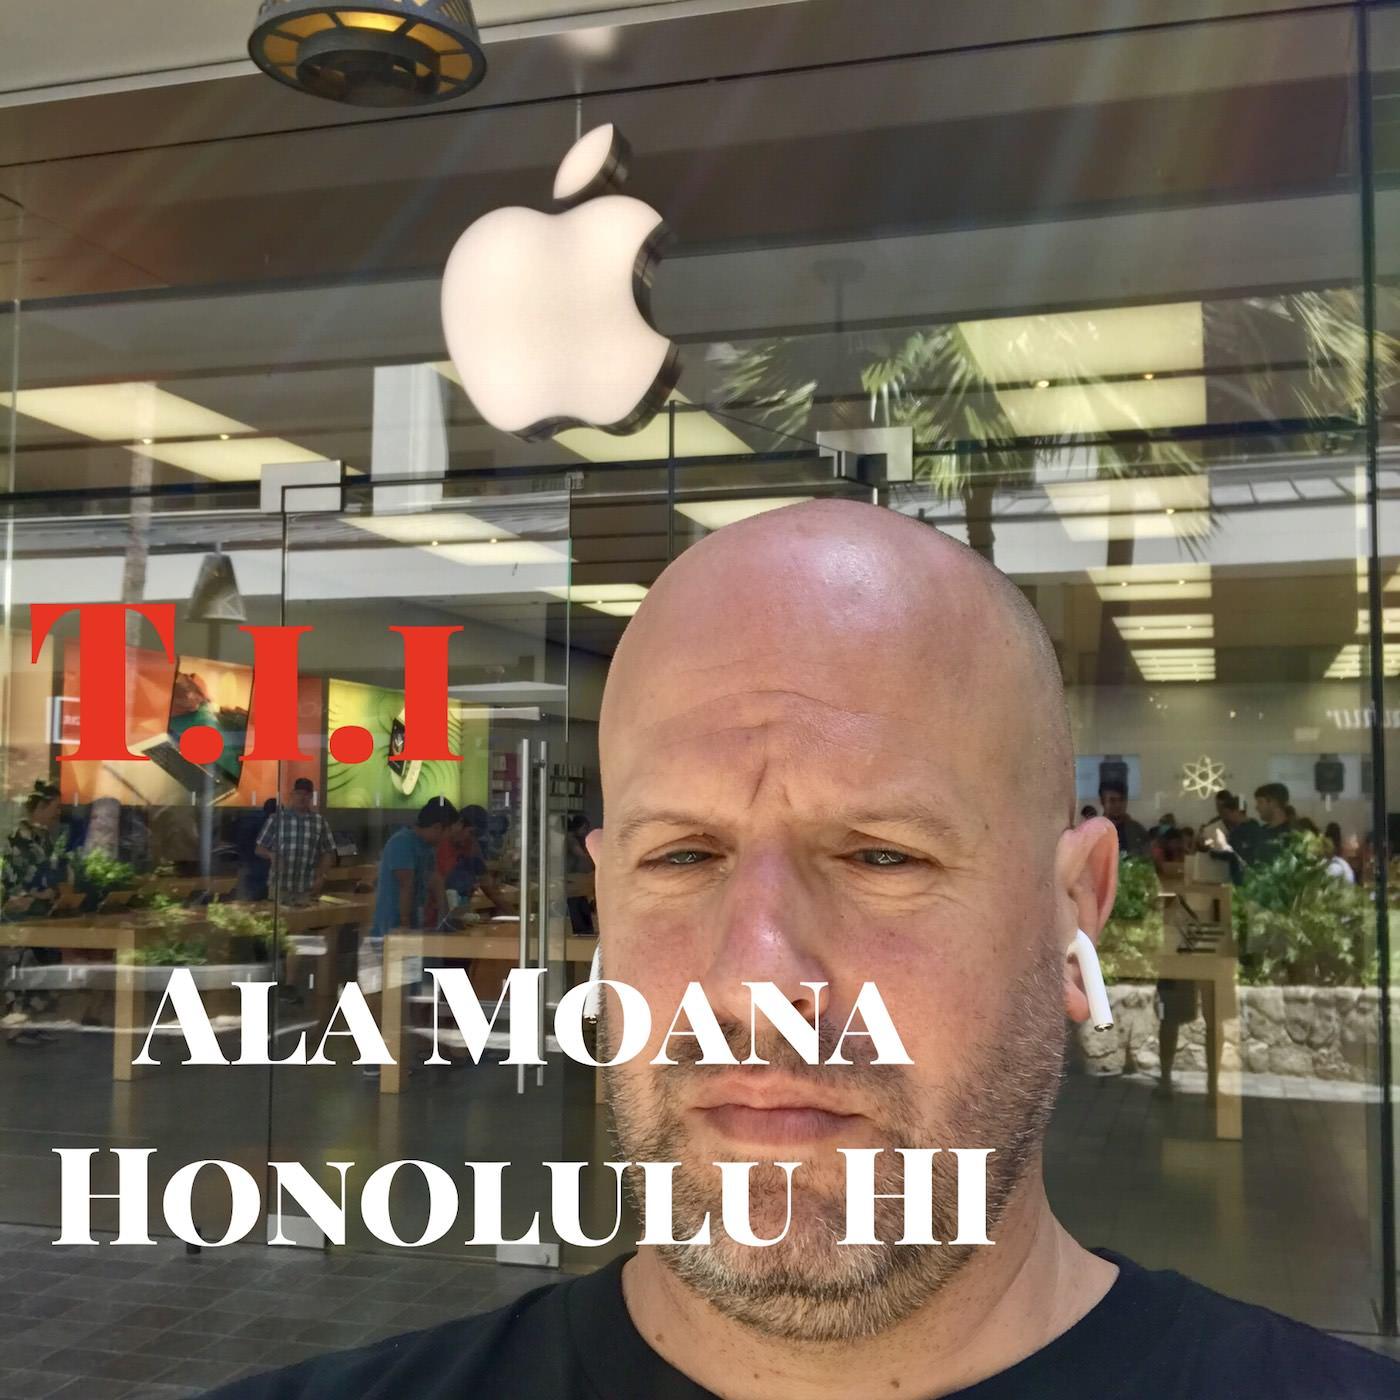 Tii 0489 - iOS 13.2.x Updates, iOS 13.3 Betas